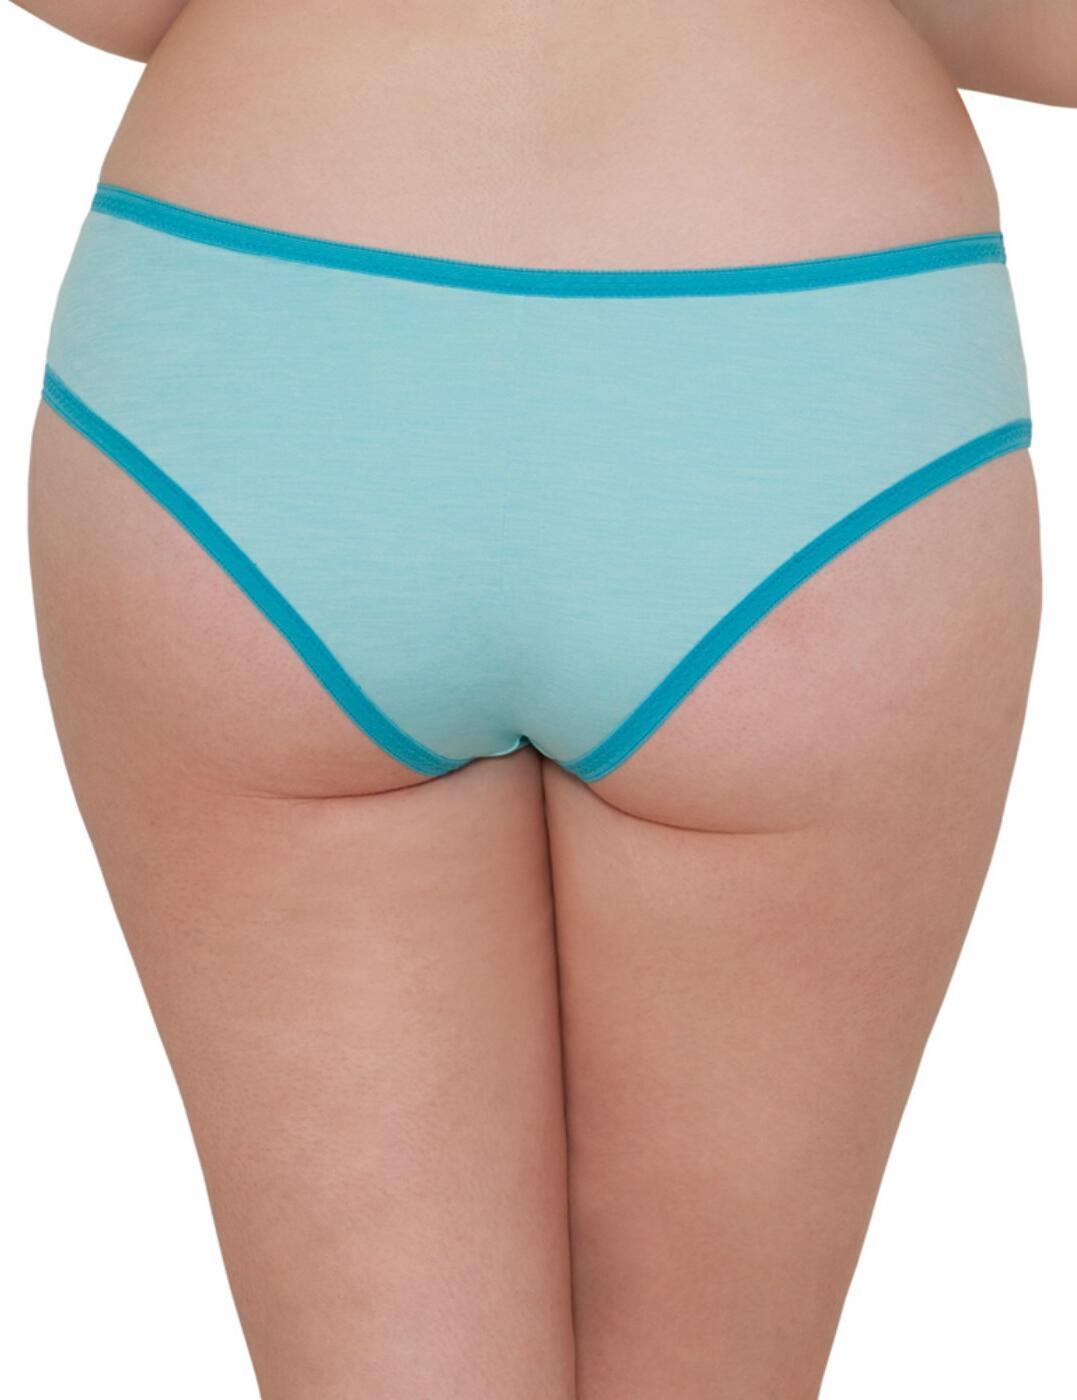 New Lingerie Curvy Kate Daily Dream Short Shorty Brief CK4503 Indigo Blue